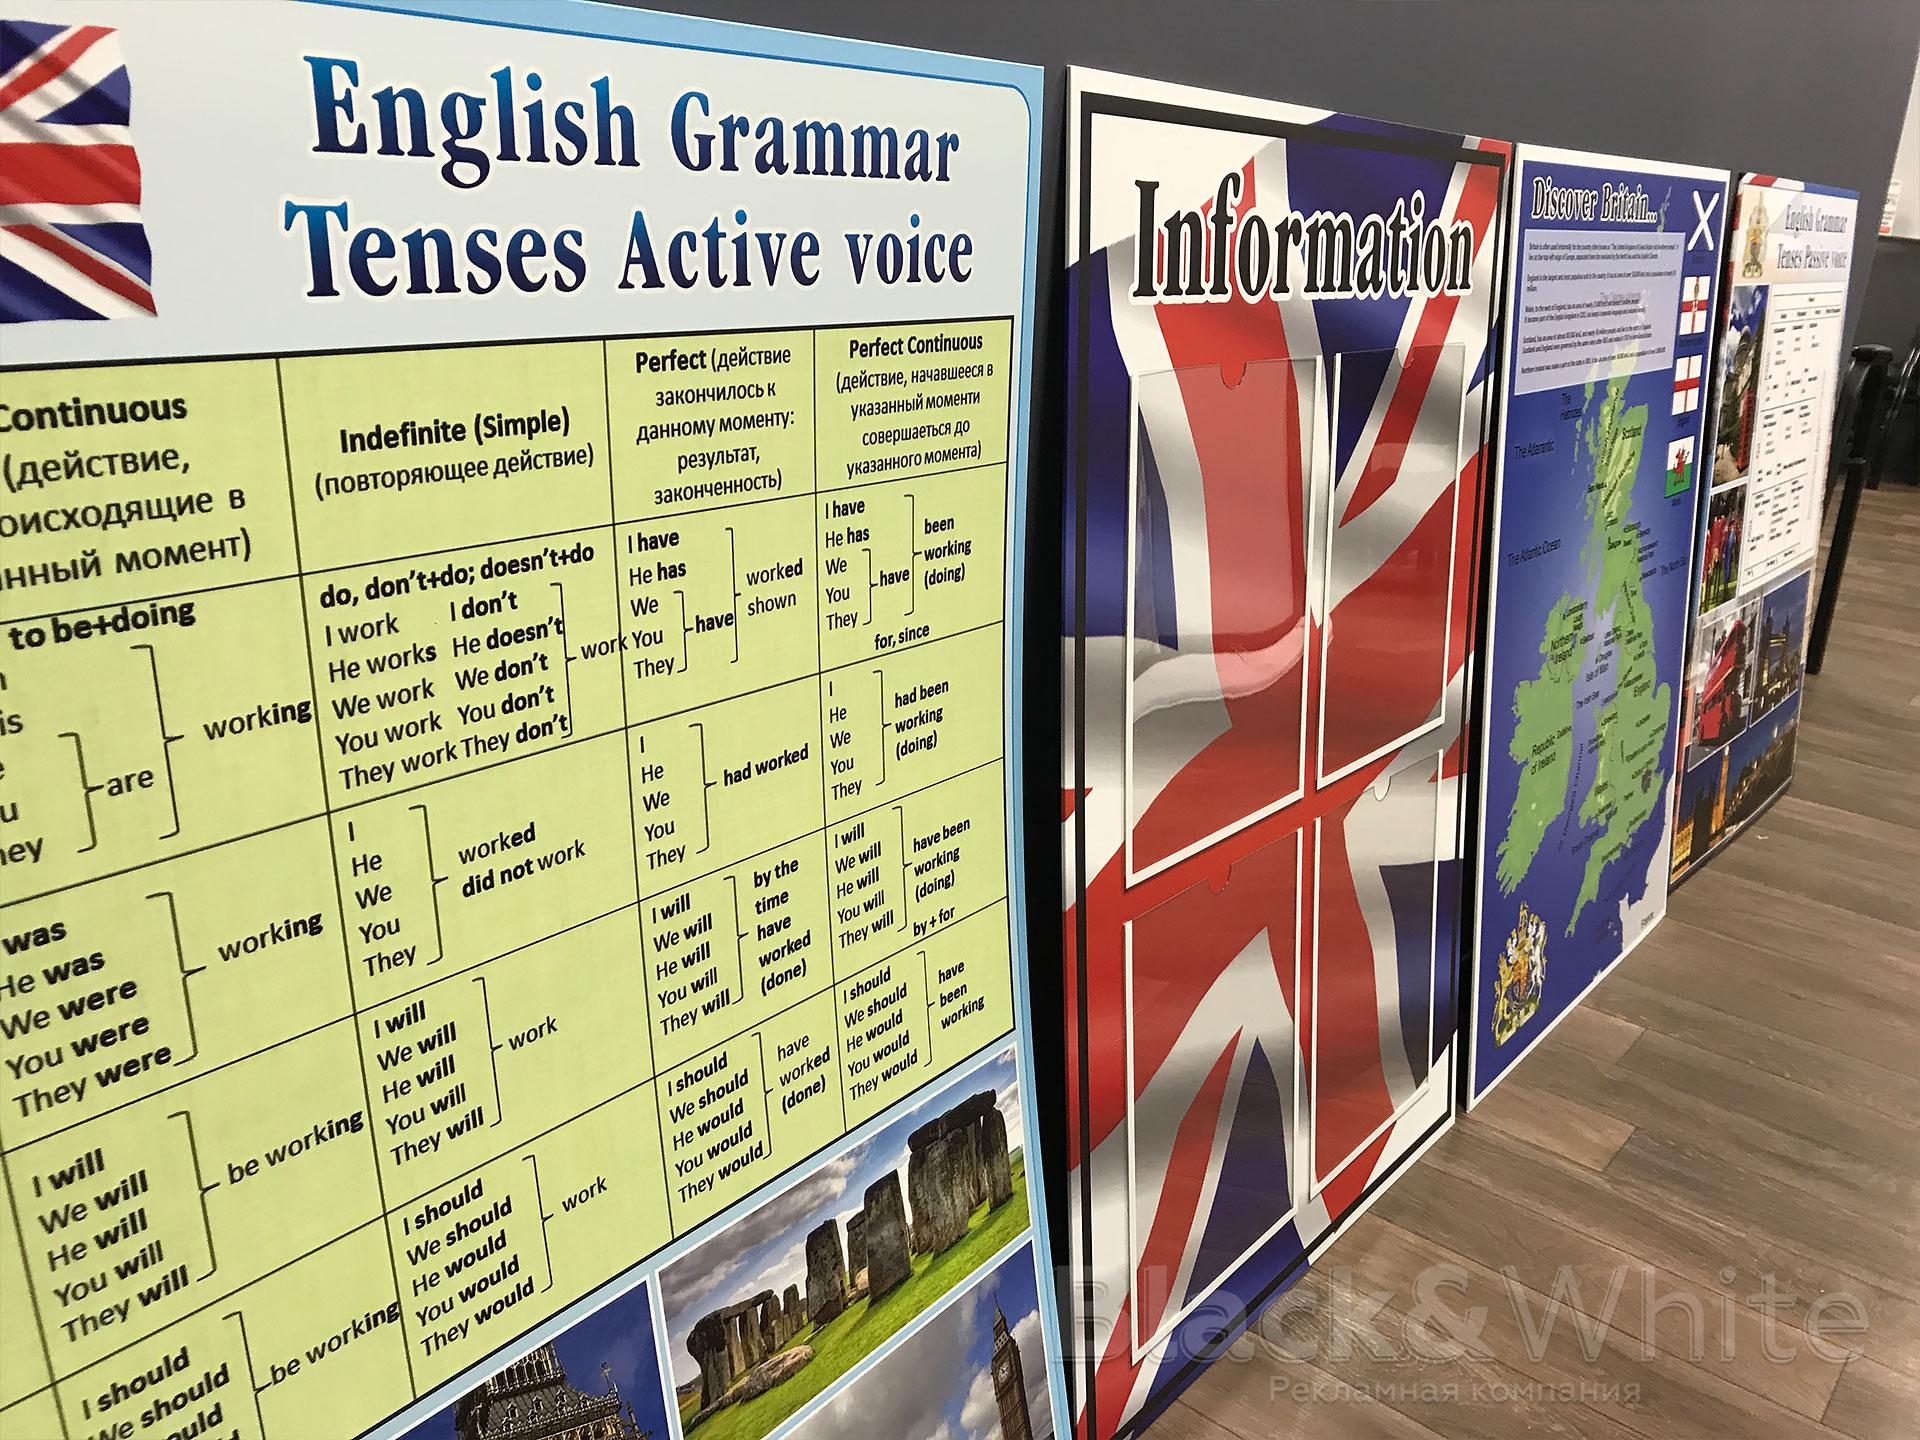 Информационный-стенд-из-ПВХ-для-школы-англизкий-язык.jpg